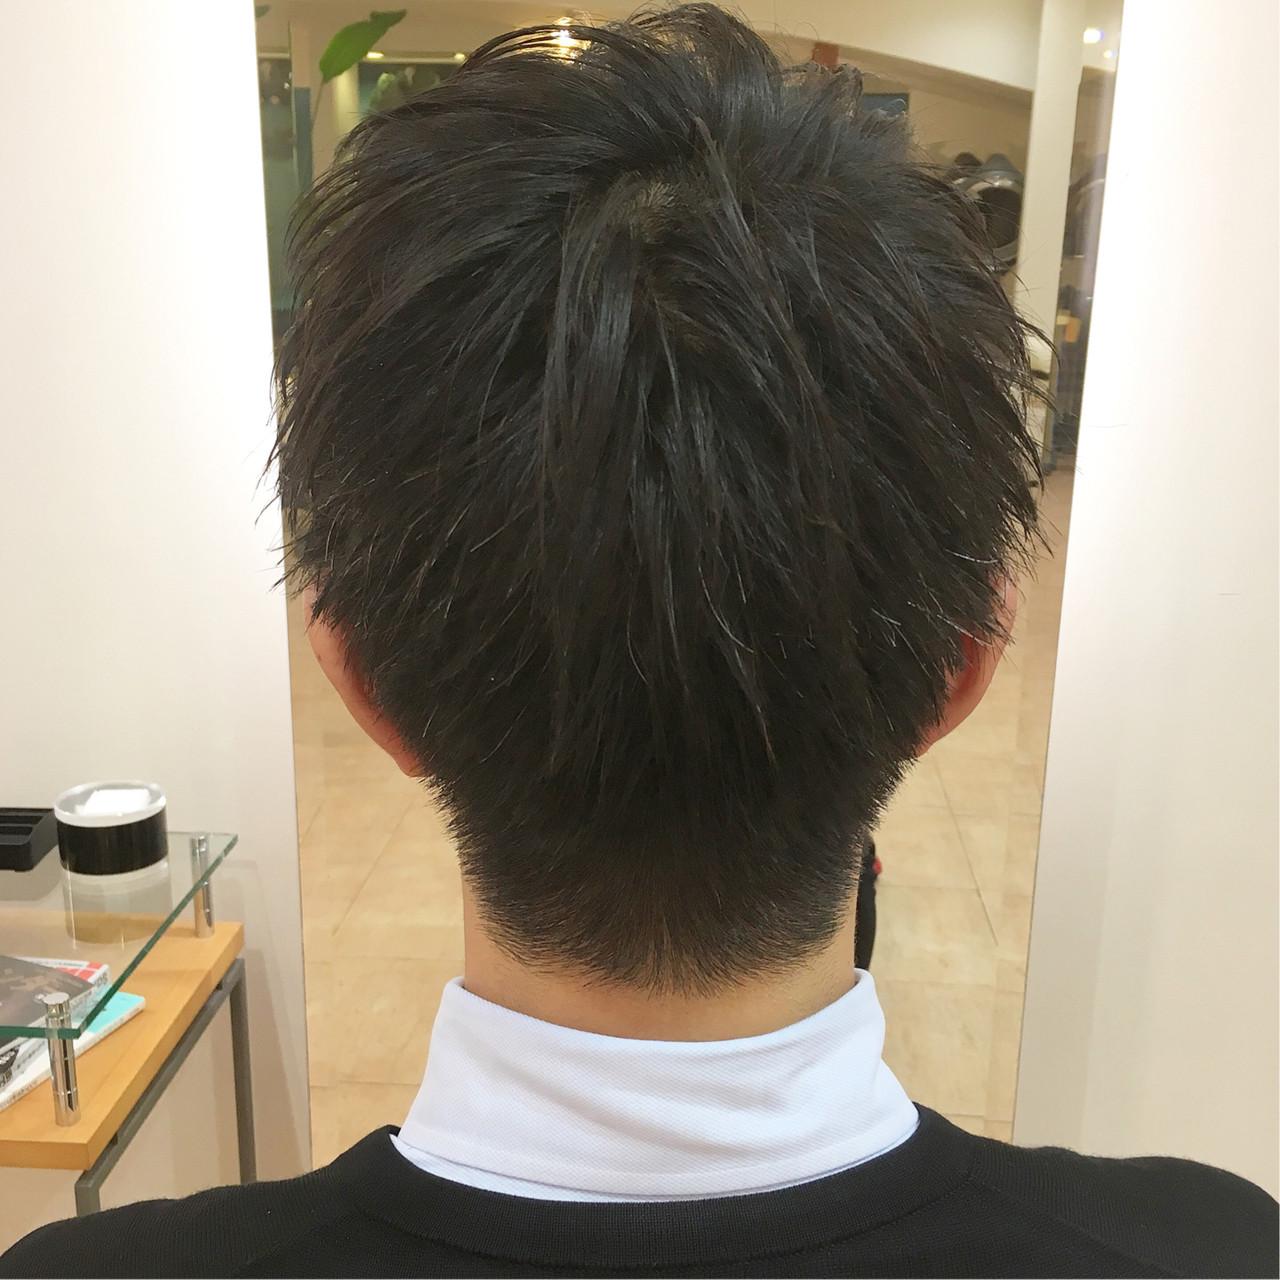 ナチュラル メンズカット 束感 刈り上げショート ヘアスタイルや髪型の写真・画像